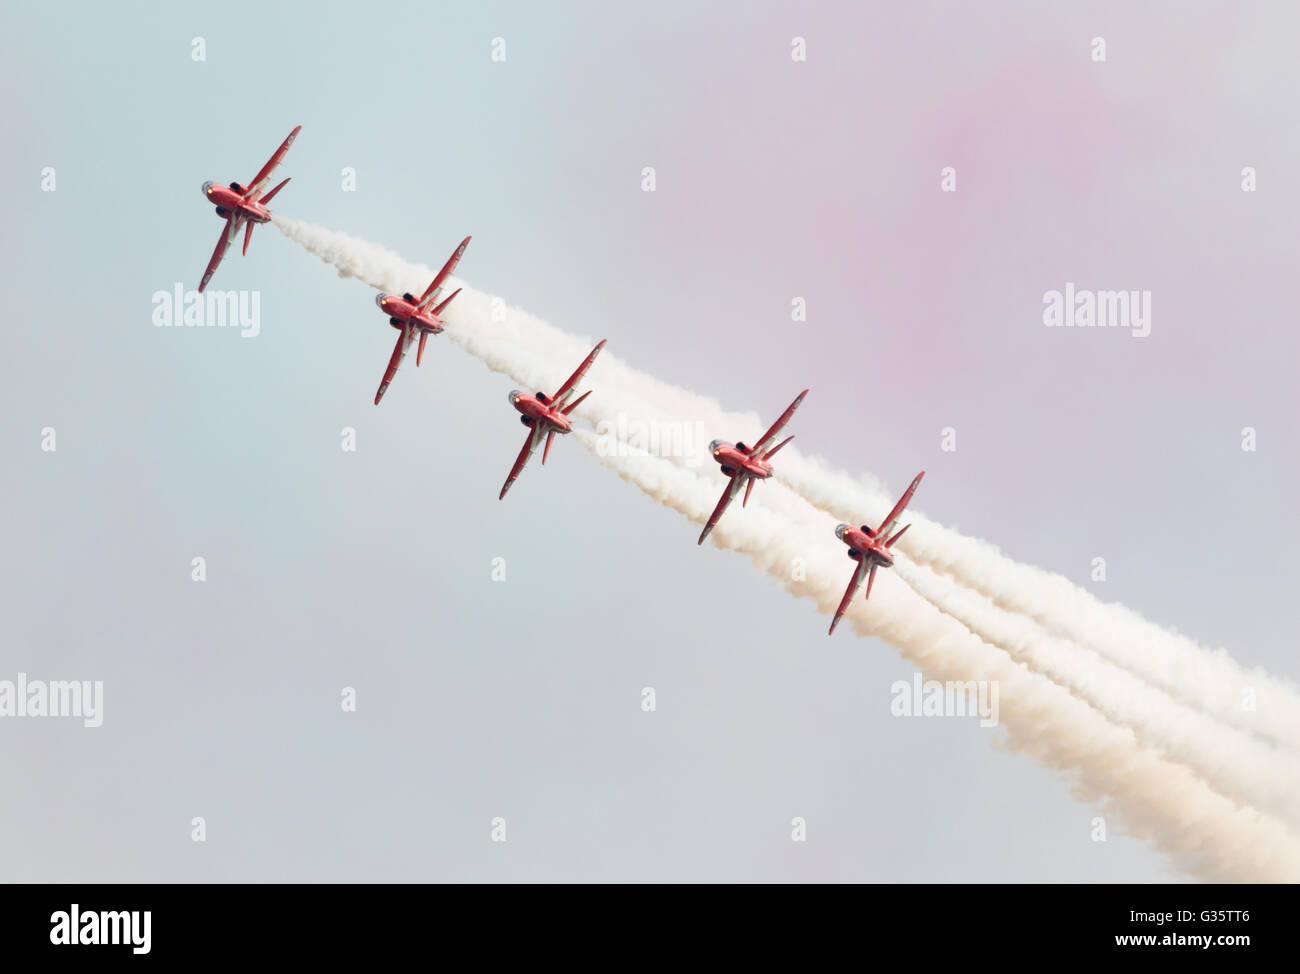 Die roten Pfeile RAF Kunstflugstaffel fliegen in Richtung der Kamera, amerikanische Duxford Airshow Duxford UK Stockbild